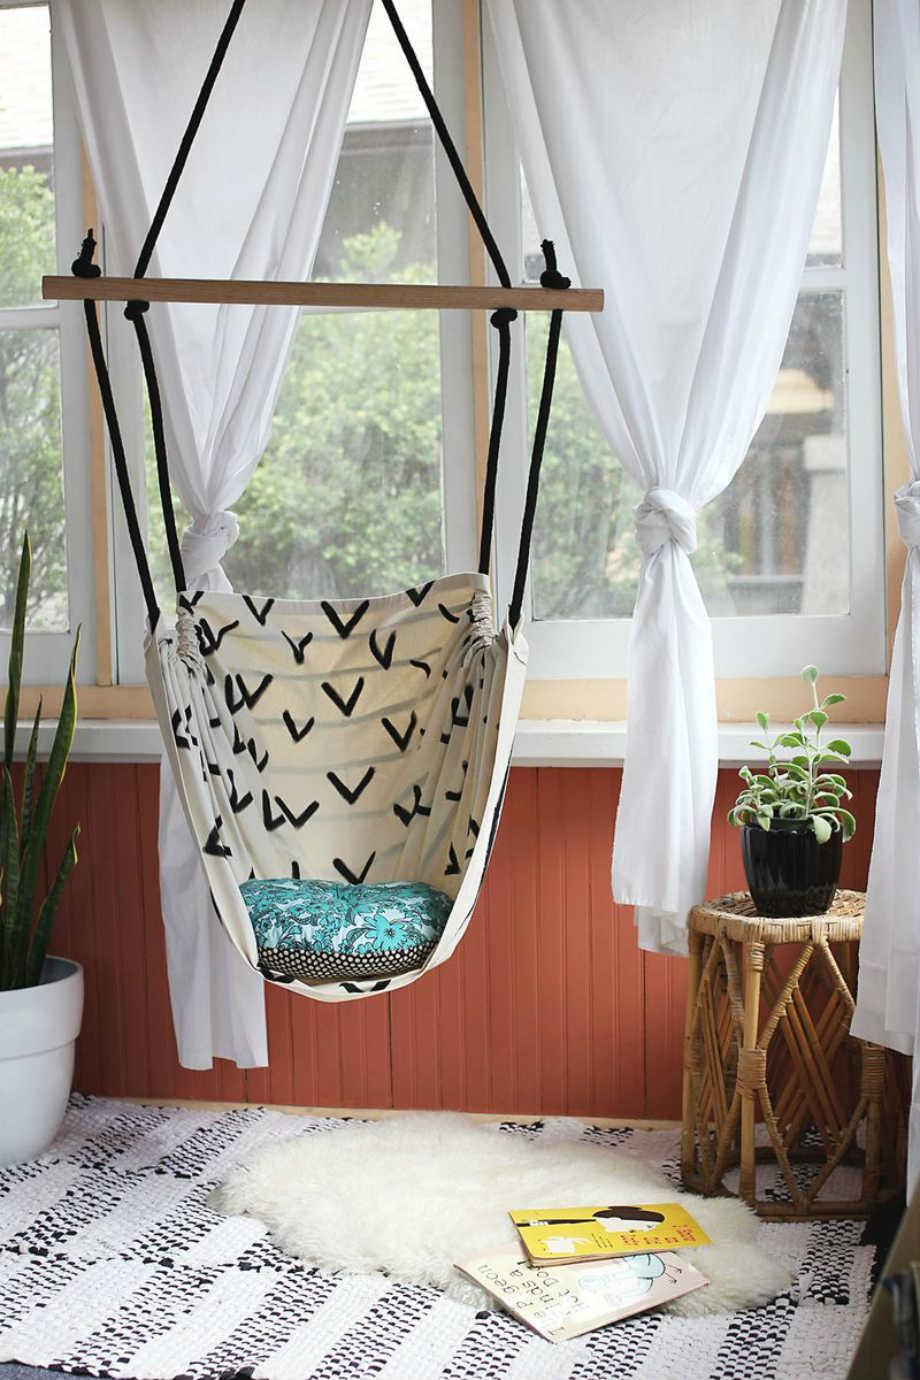 Αυτή η κρεμαστή καρέκλα είναι ιδανική και για εσωτερικούς χώρους.